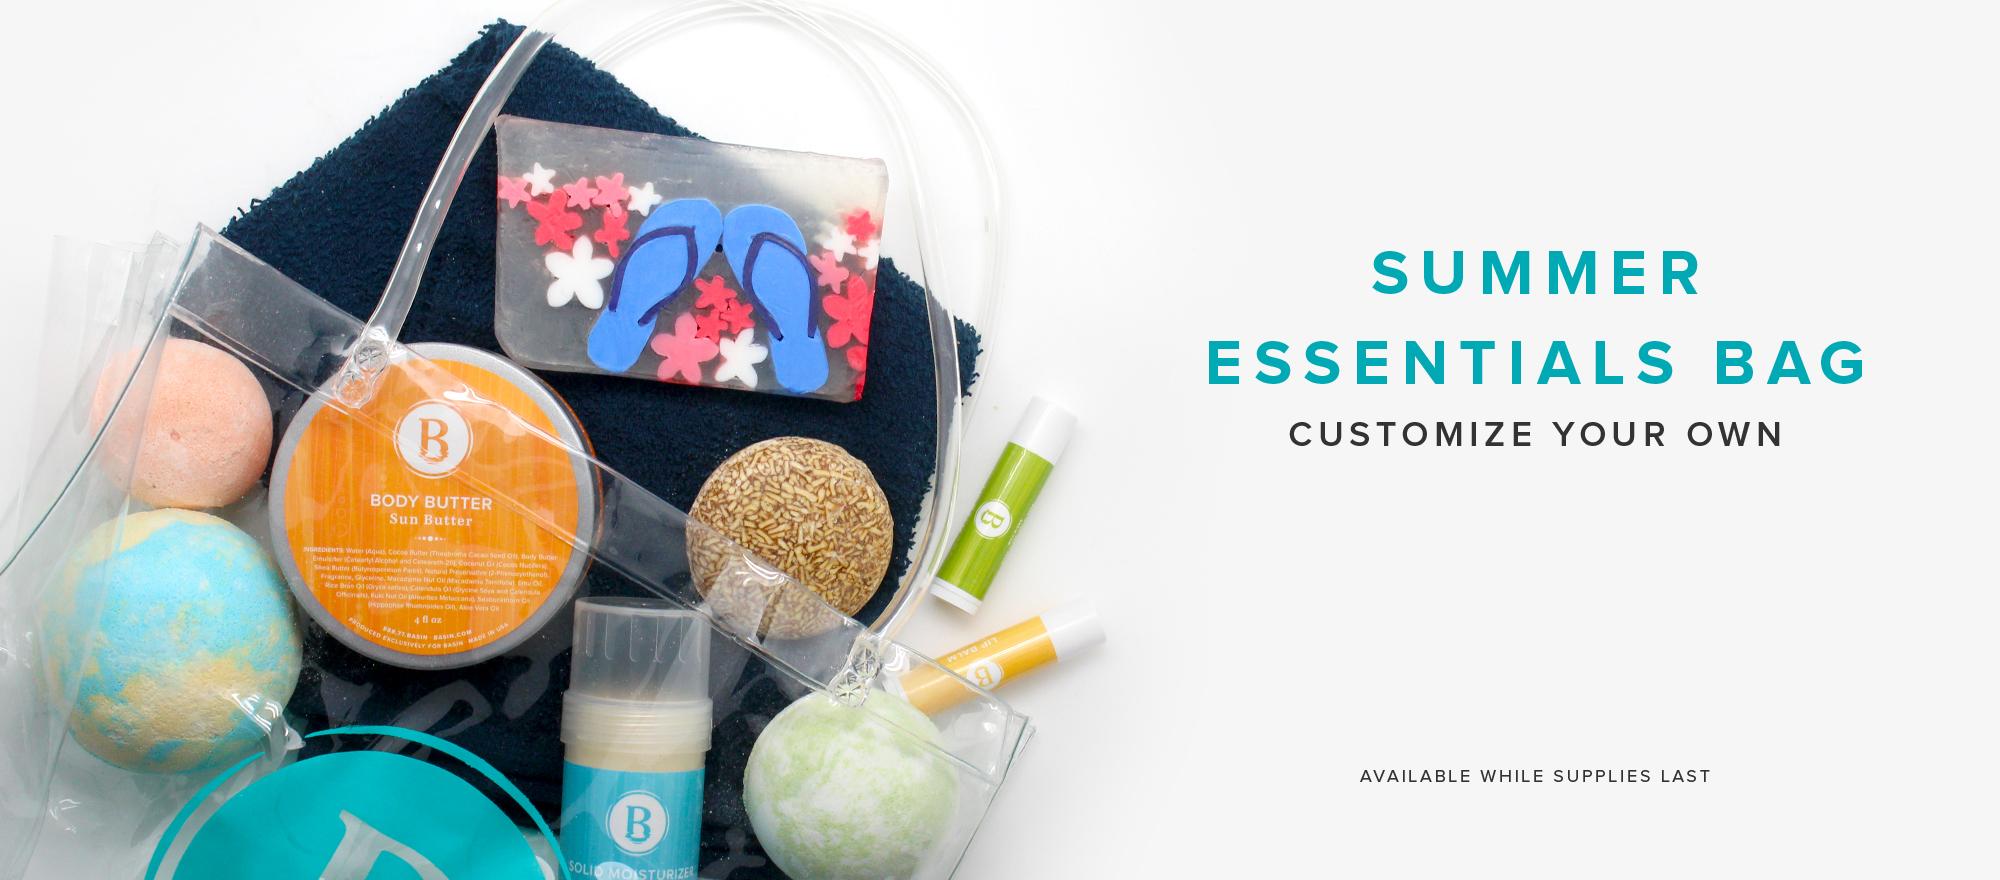 Summer Essentials Bag